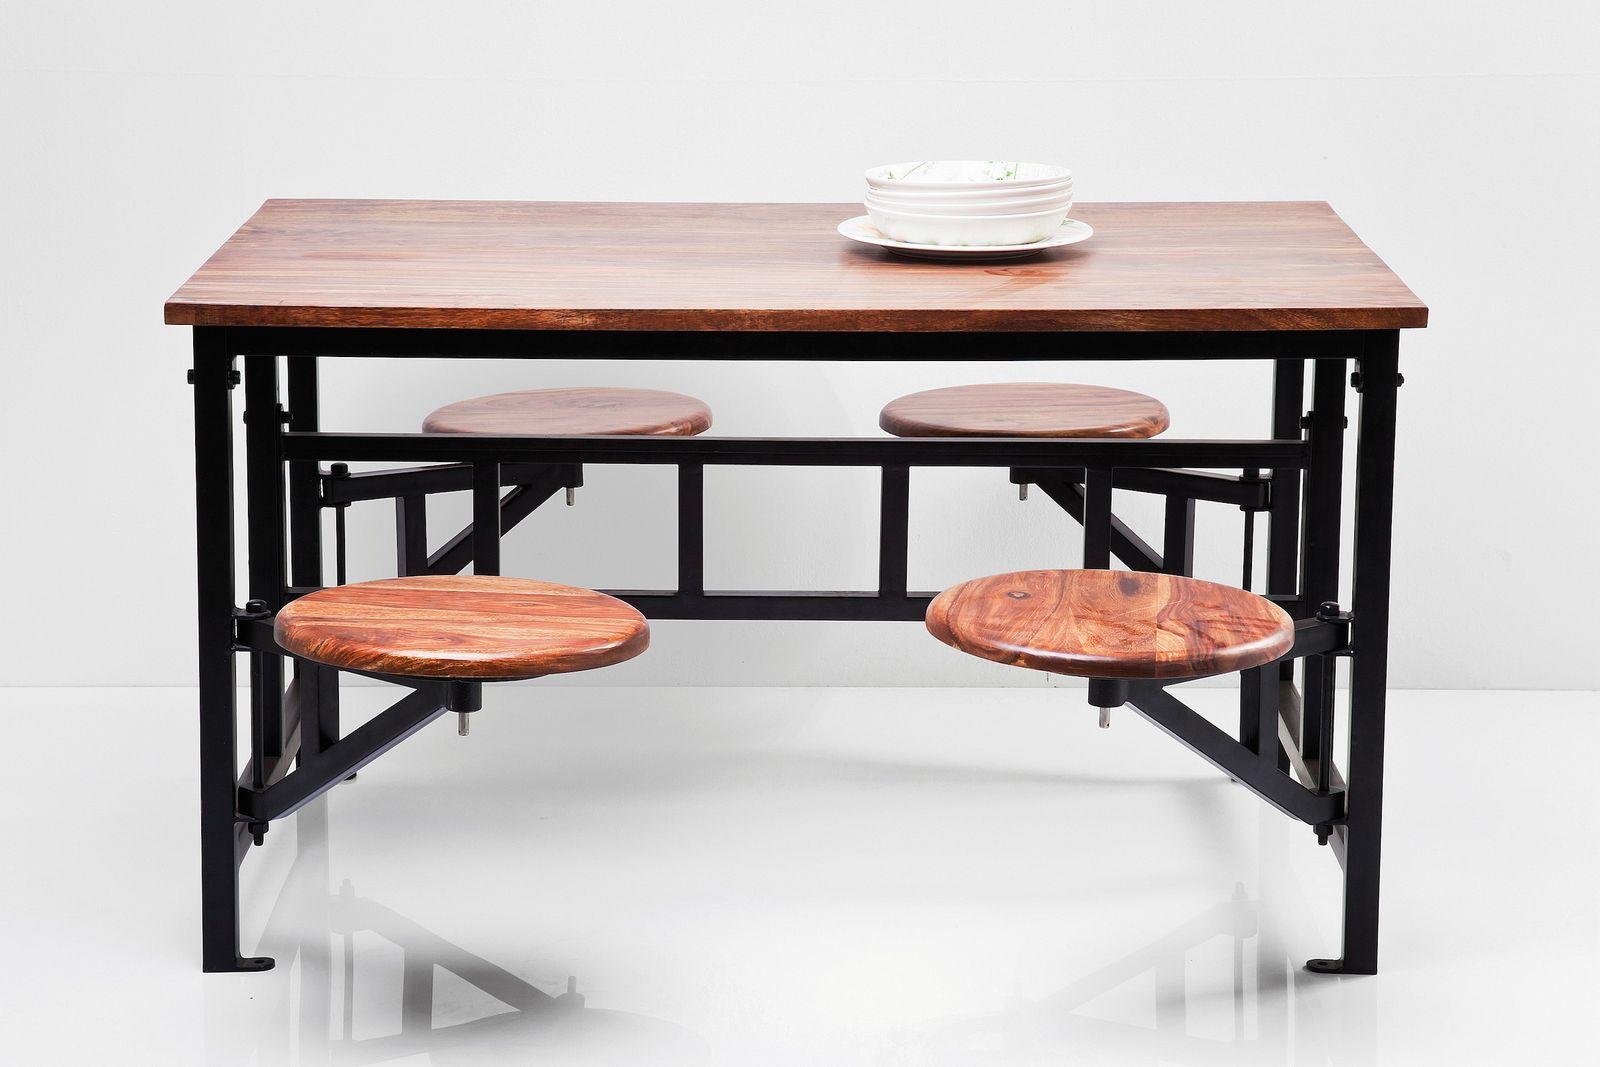 dewall tisch hocker space 5 tlg massivholz tischgruppe. Black Bedroom Furniture Sets. Home Design Ideas